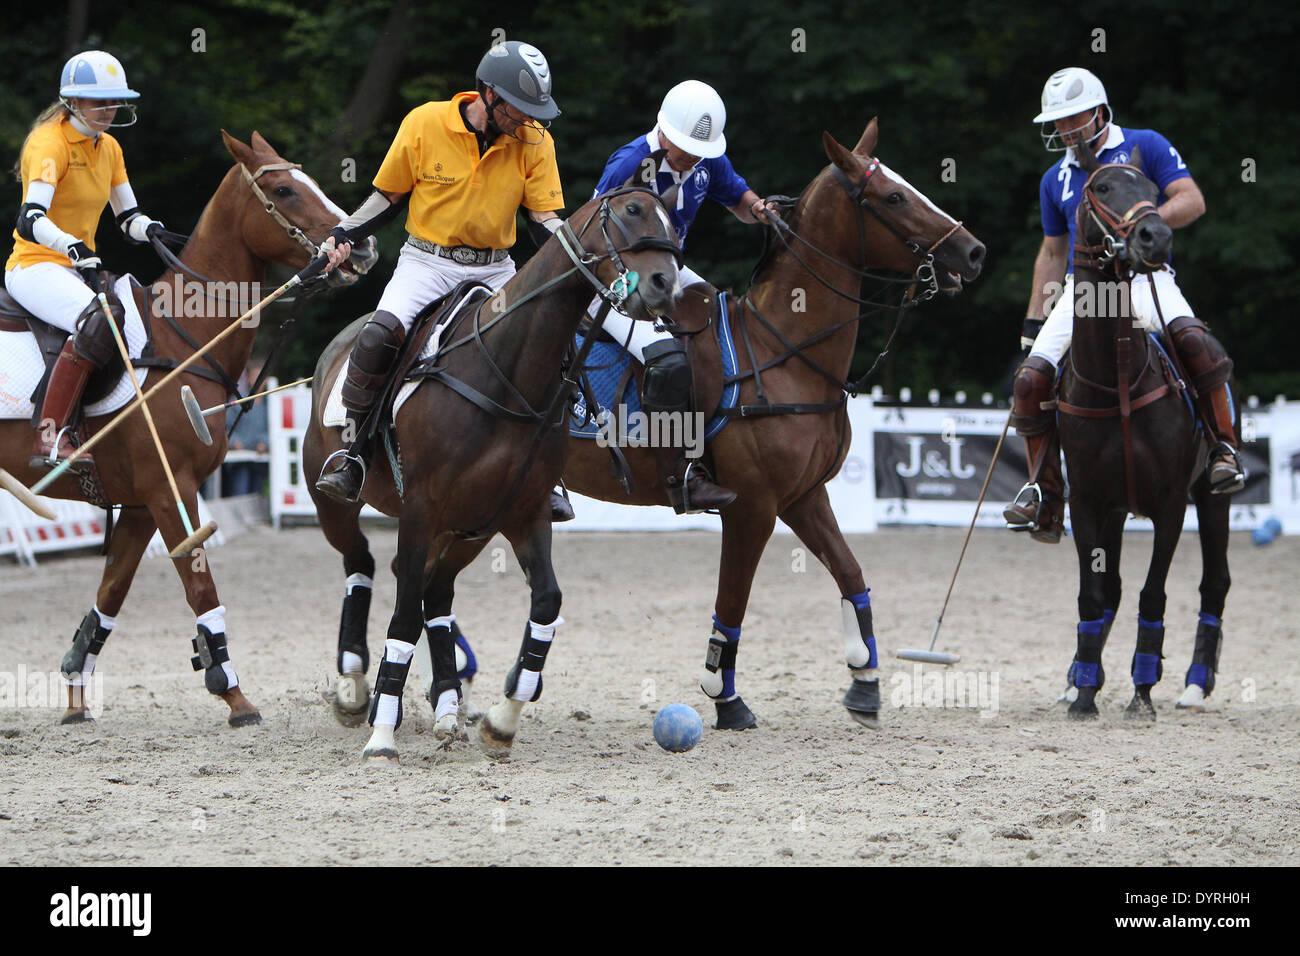 Torneo di Polo presso la scuola di equitazione a Monaco di Baviera, 2011 Immagini Stock